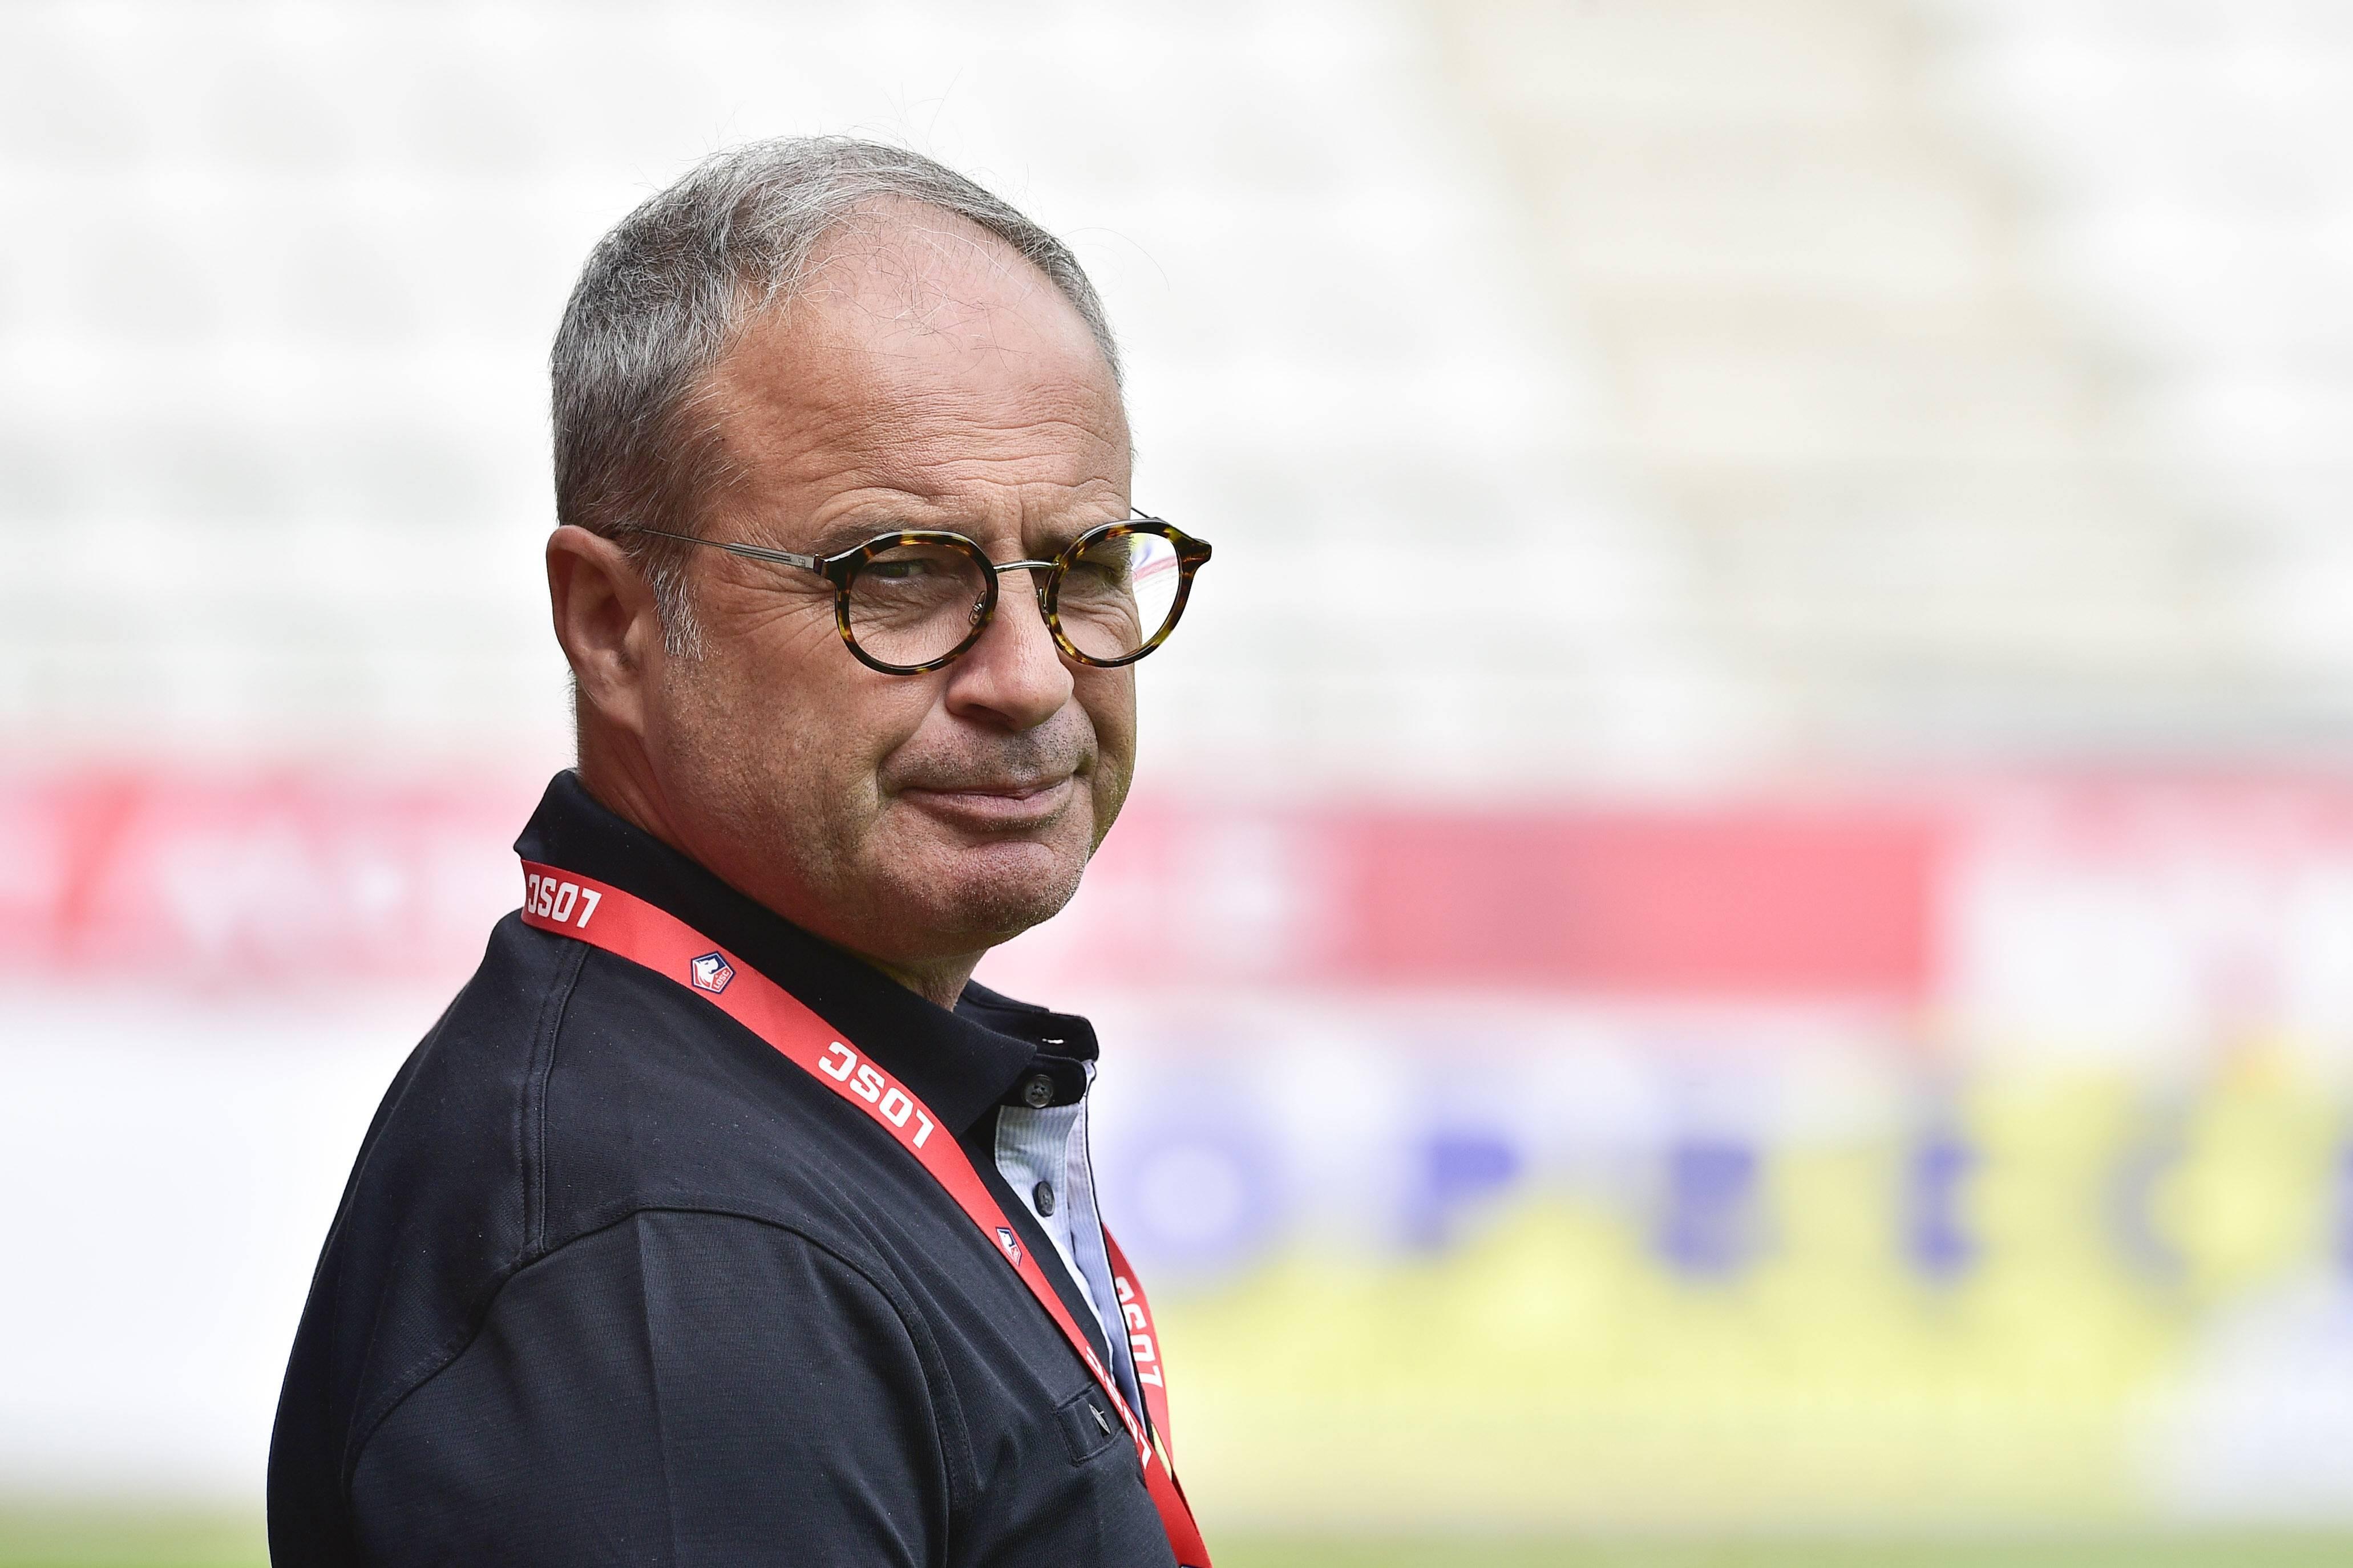 รายงาน: PSG เปิดให้เปลี่ยน Leonardo ด้วย Luis Campos;  เรอัล มาดริด ยังสนใจอดีตผอ.กีฬาของลีลล์ด้วย